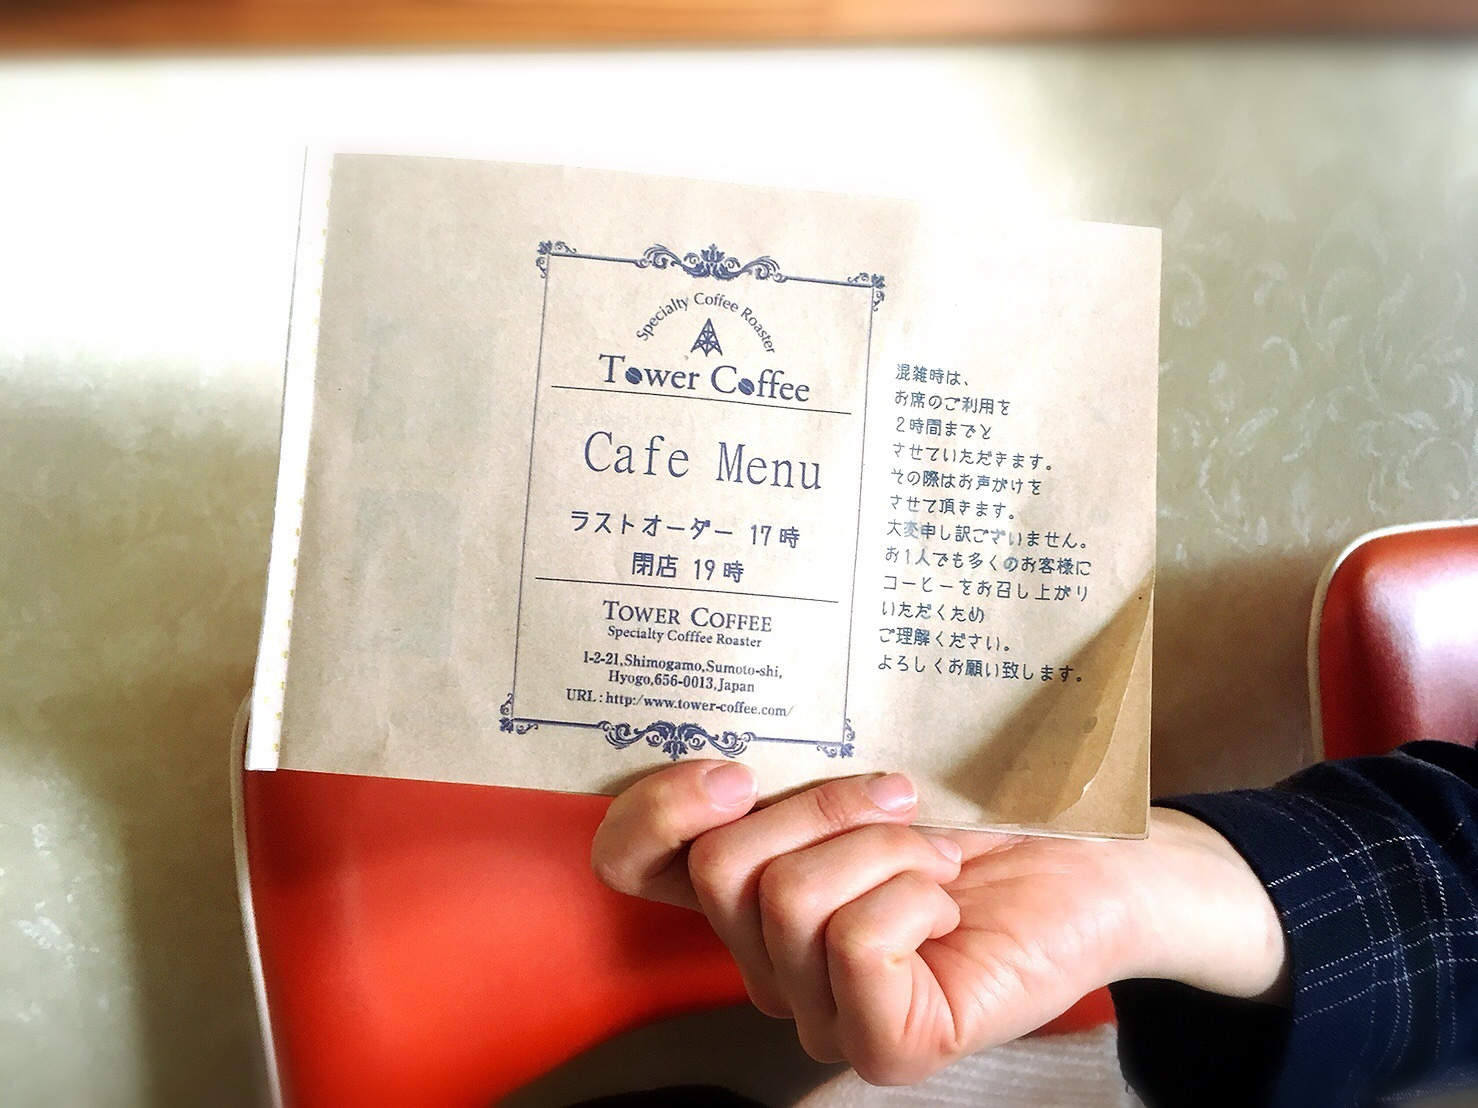 タワーコーヒーのメニュー